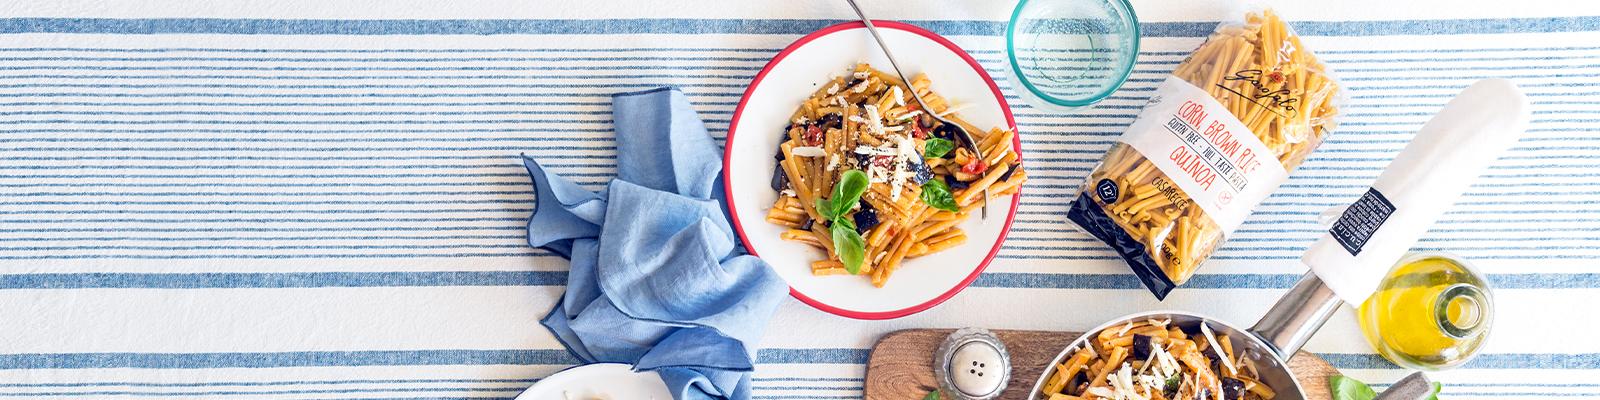 Pasta Garofalo - Gluten Free Pasta